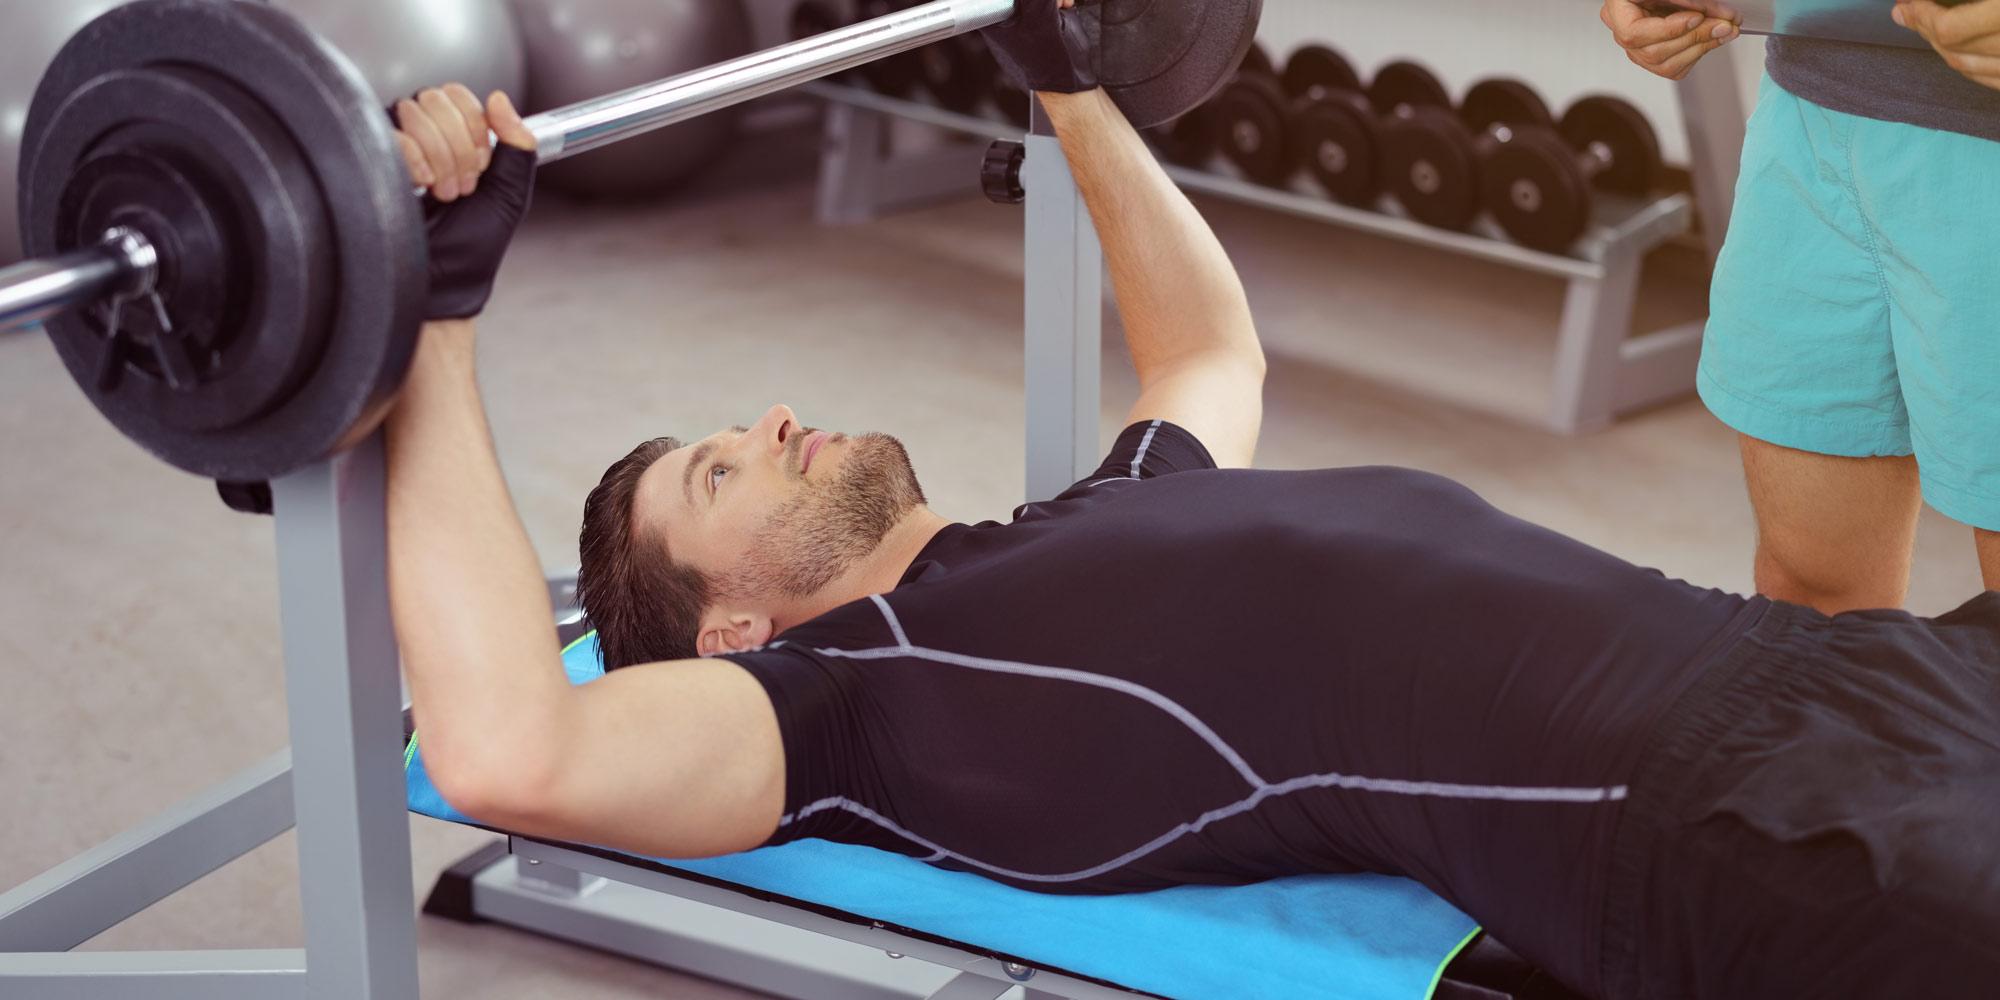 Mann auf der Hantelbank - pro-fitness-discounter